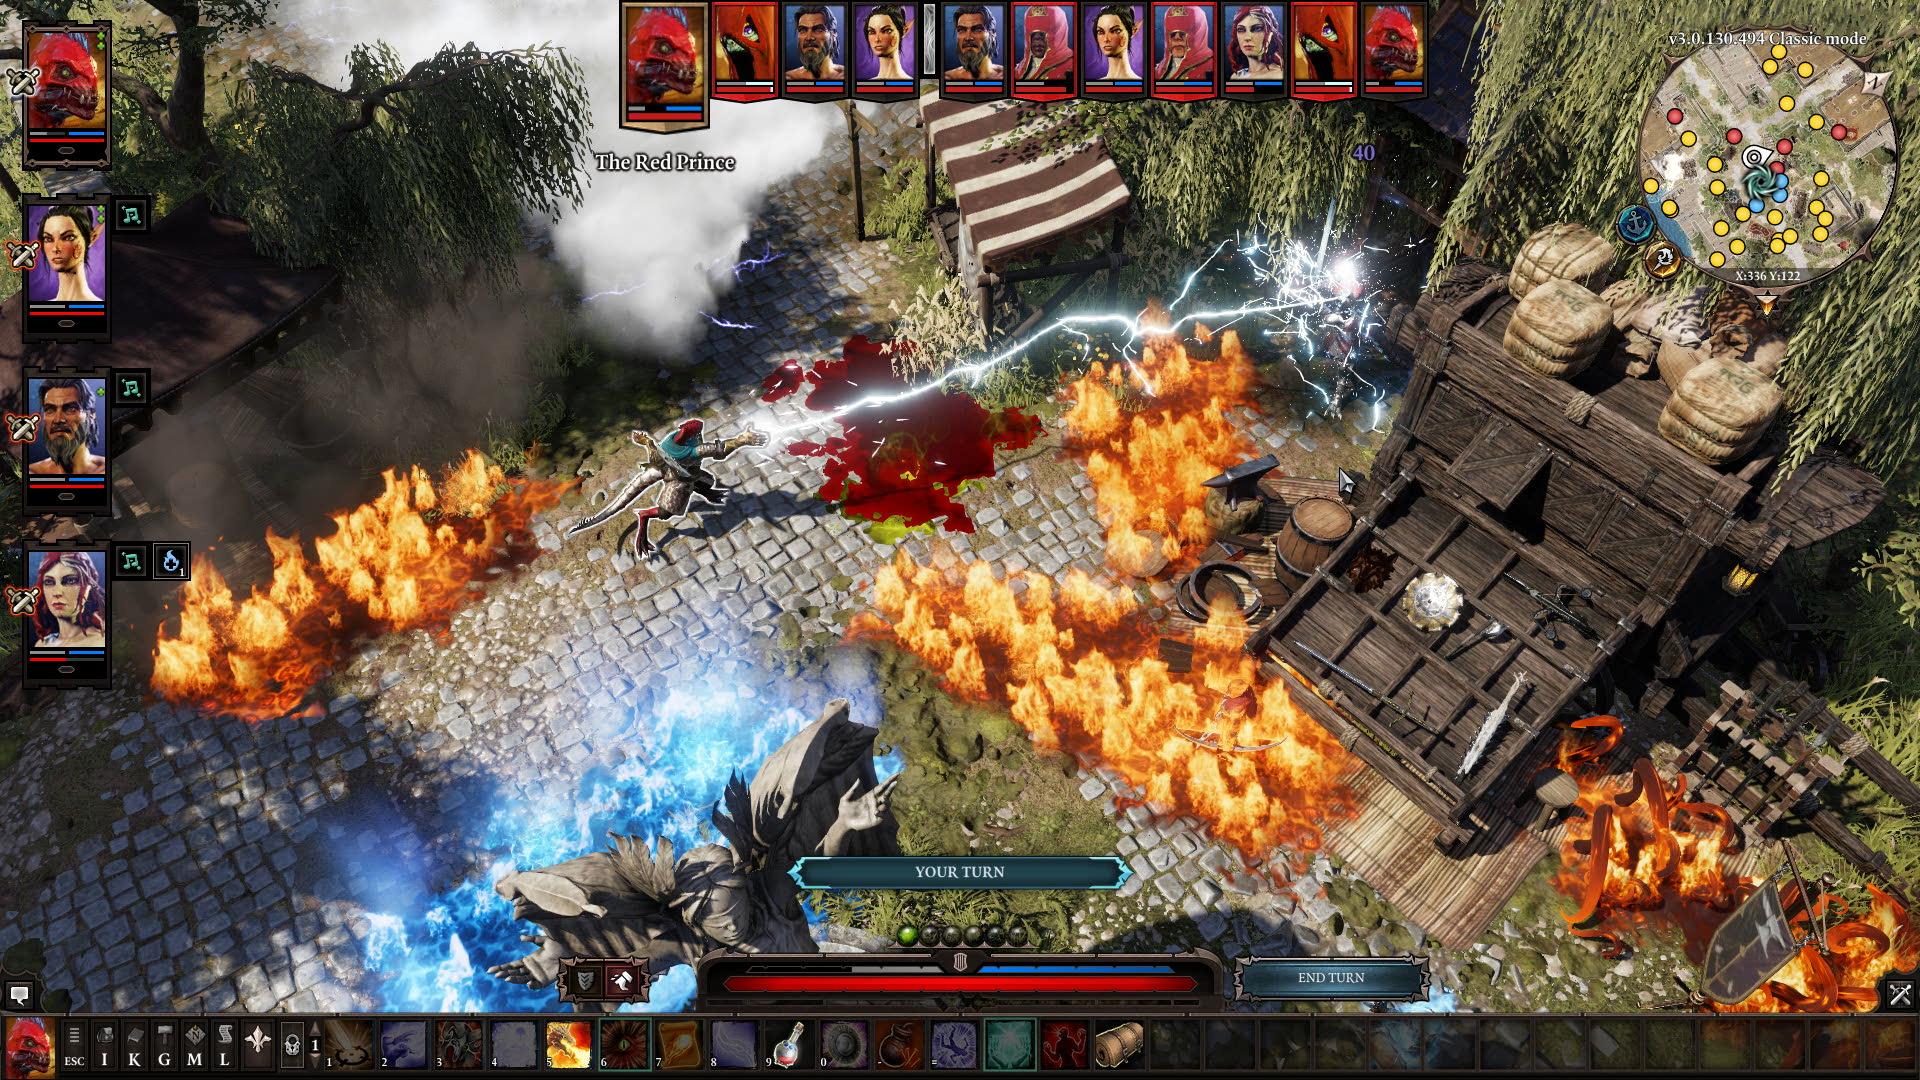 Скриншот к игре Divinity: Original Sin 2 - Definitive Edition {v.3.6.69.4648 (40474)+DLC } (2017) скачать торрент RePack